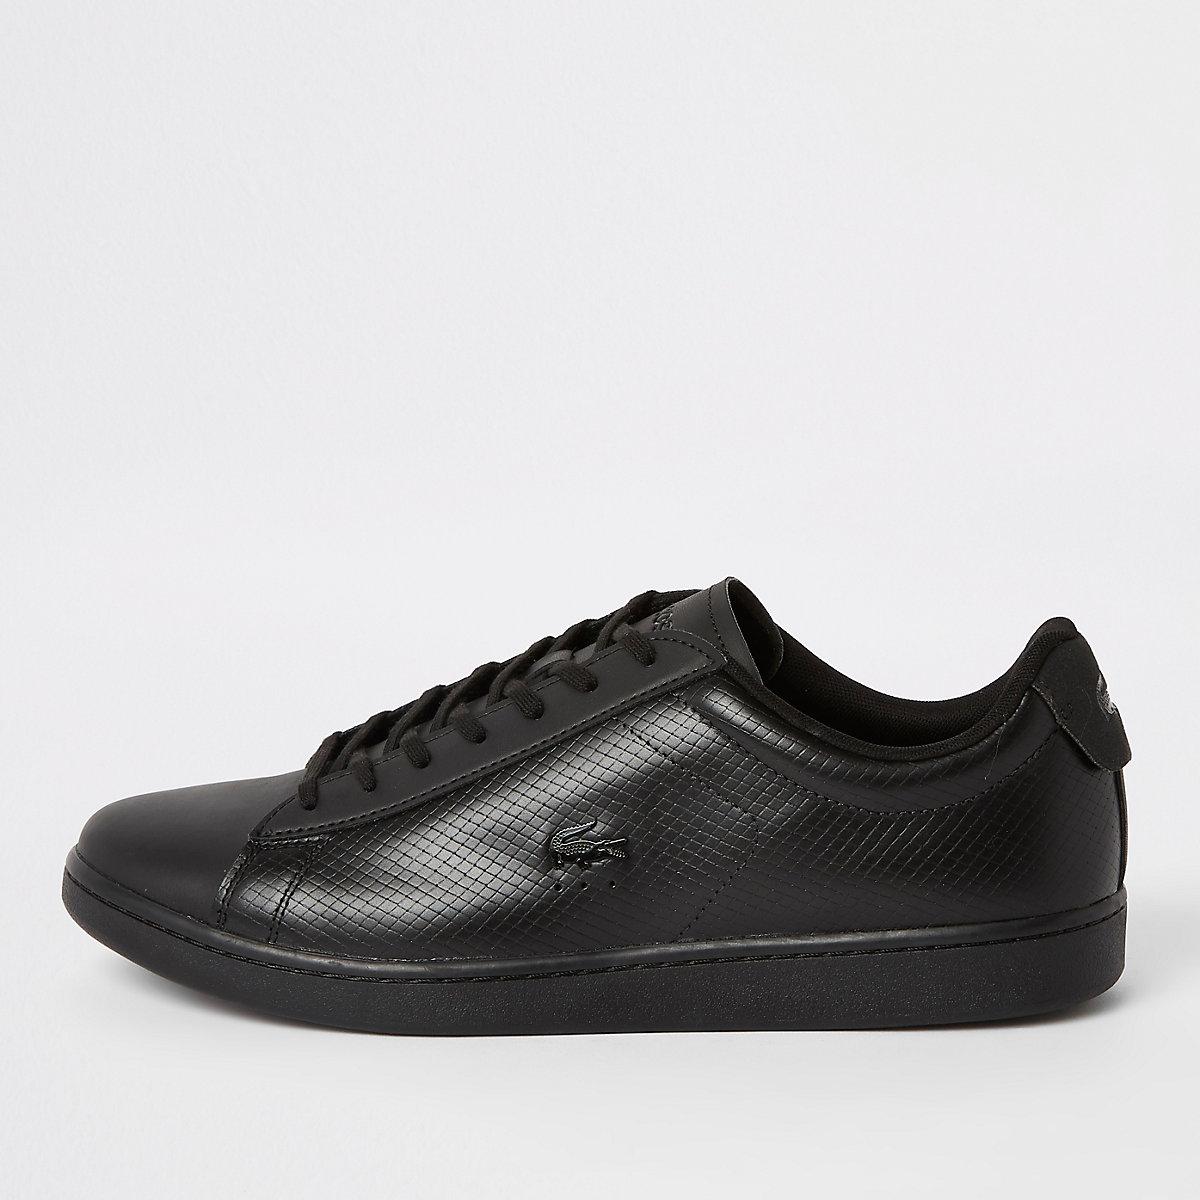 439034a5d7b Lacoste amp; Schoenen Sneakers Laarzen Zwarte Leren Vetersneakers vvw8x16q